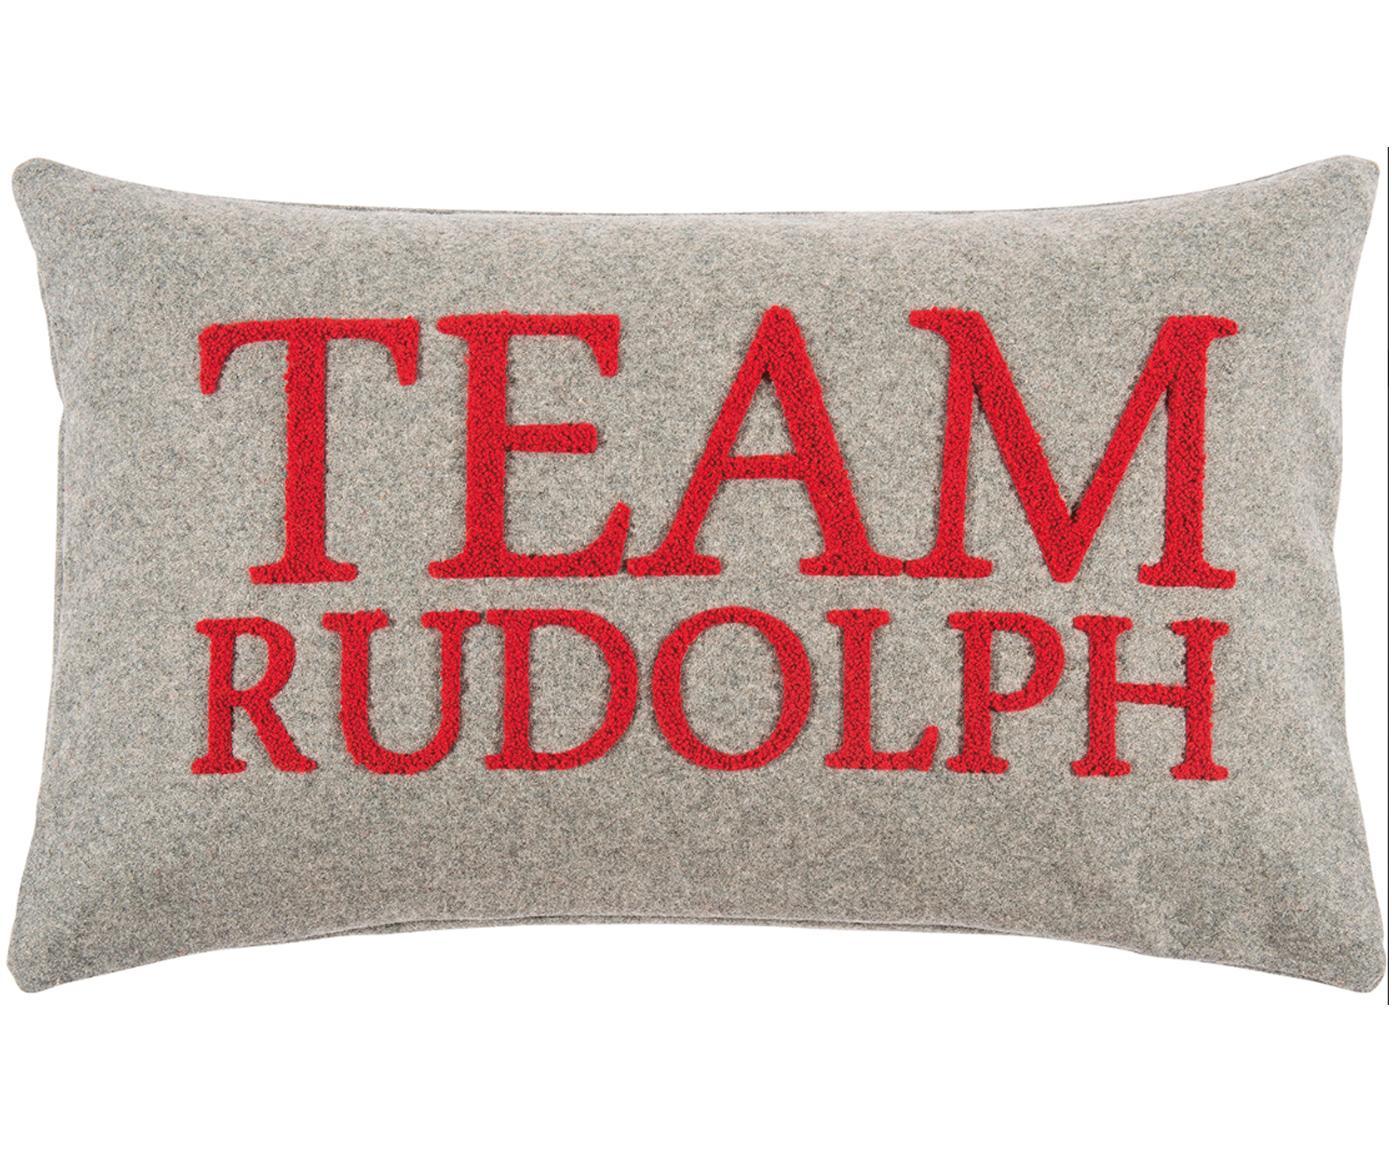 Poszewka na poduszkę Rudolph, 60% wełna, 40% poliester, Jasny szary, czerwony, S 30 x D 50 cm